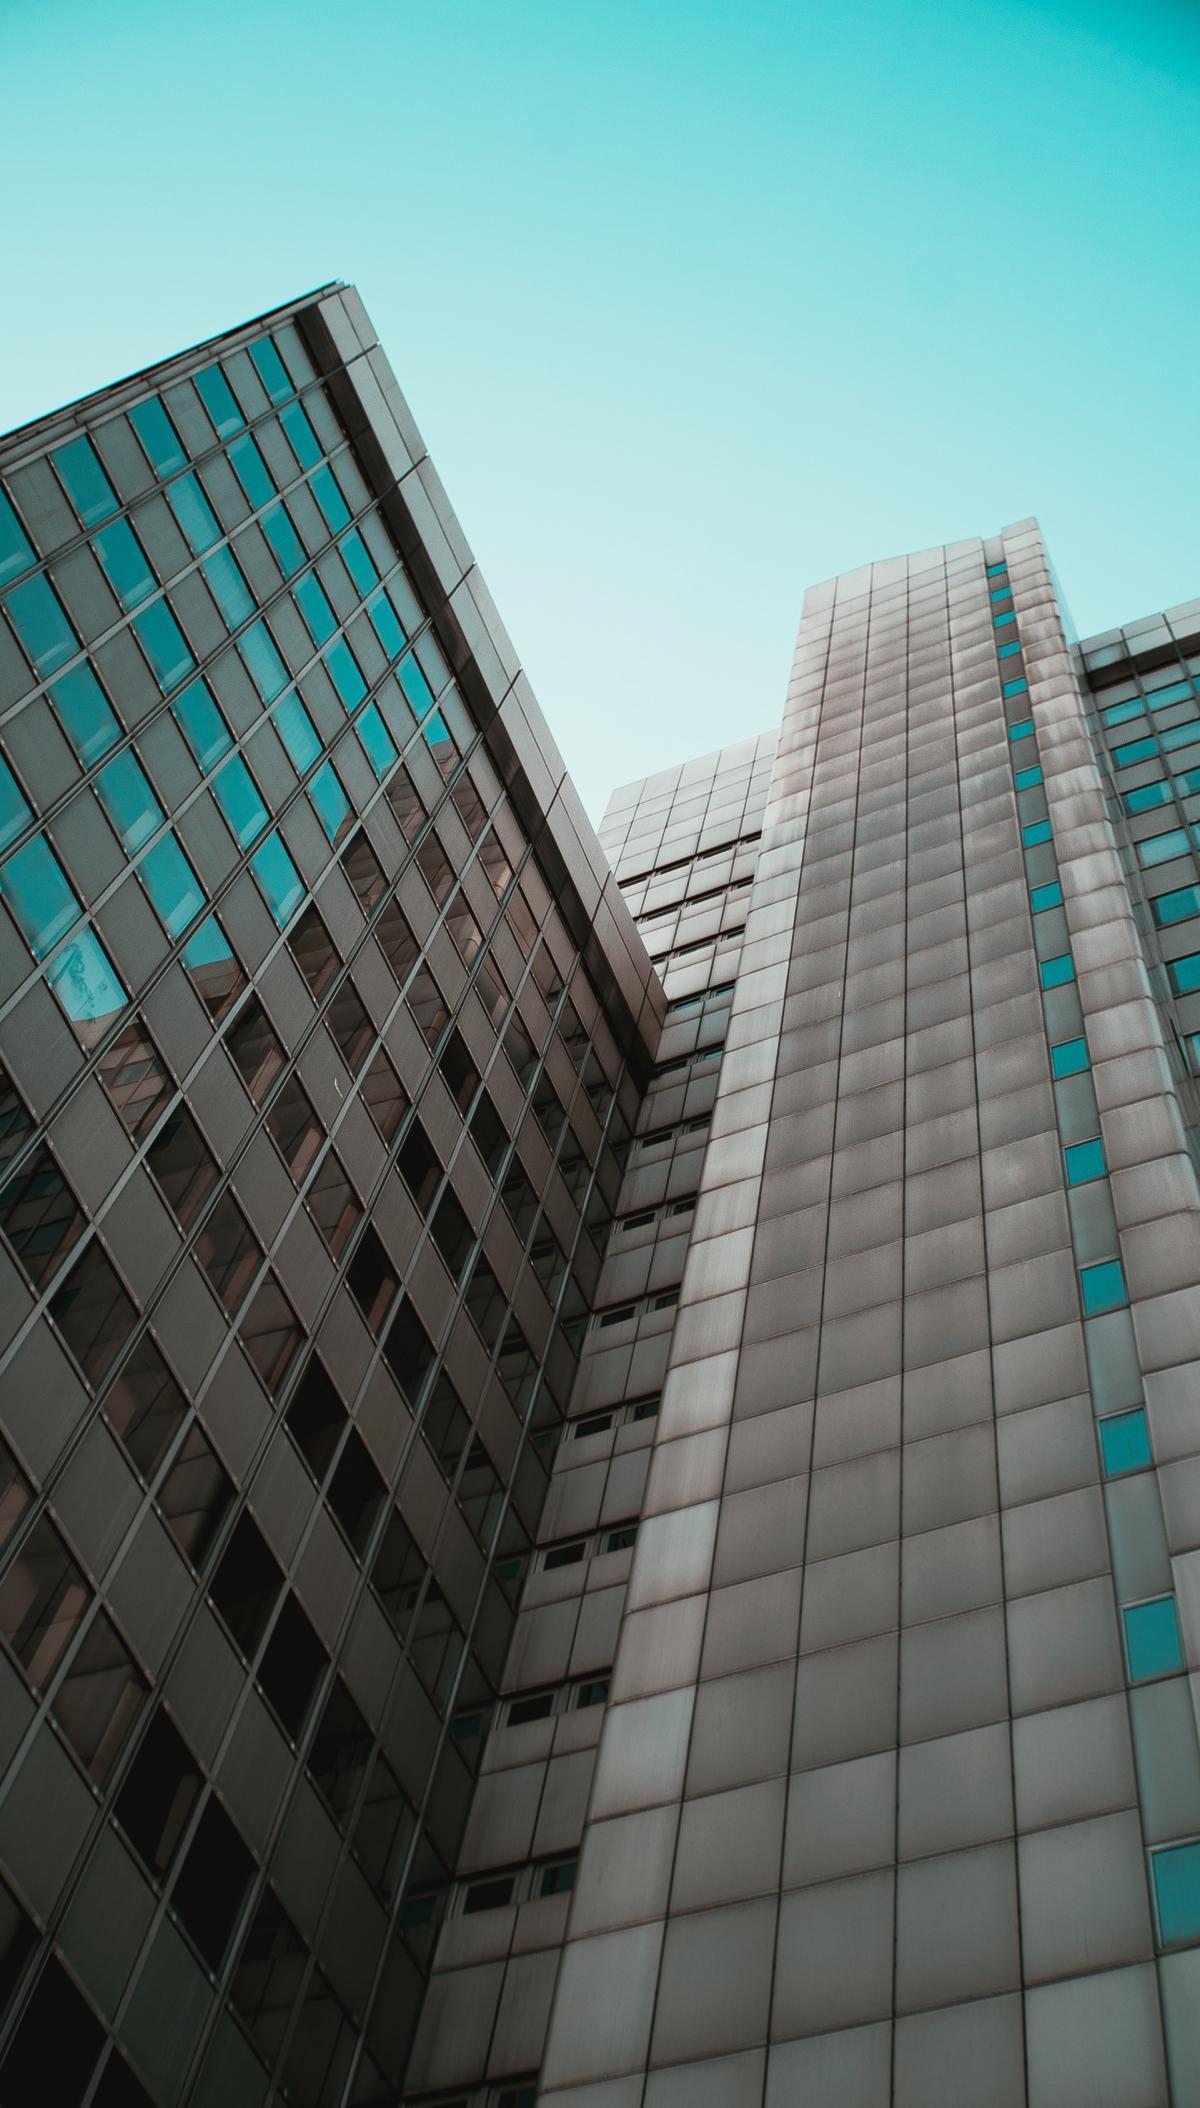 Skyscraper Architecture Office #425476